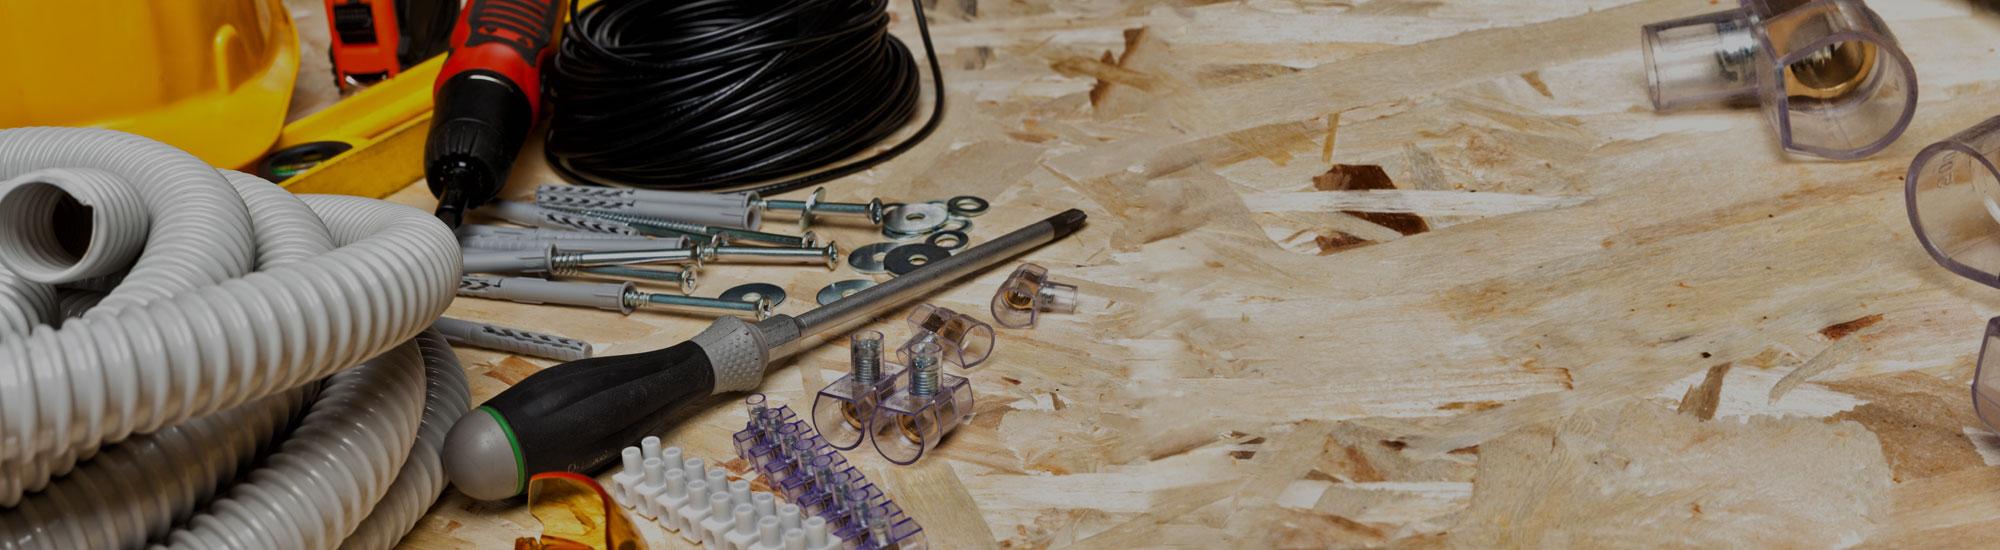 maelektro-slider-tools